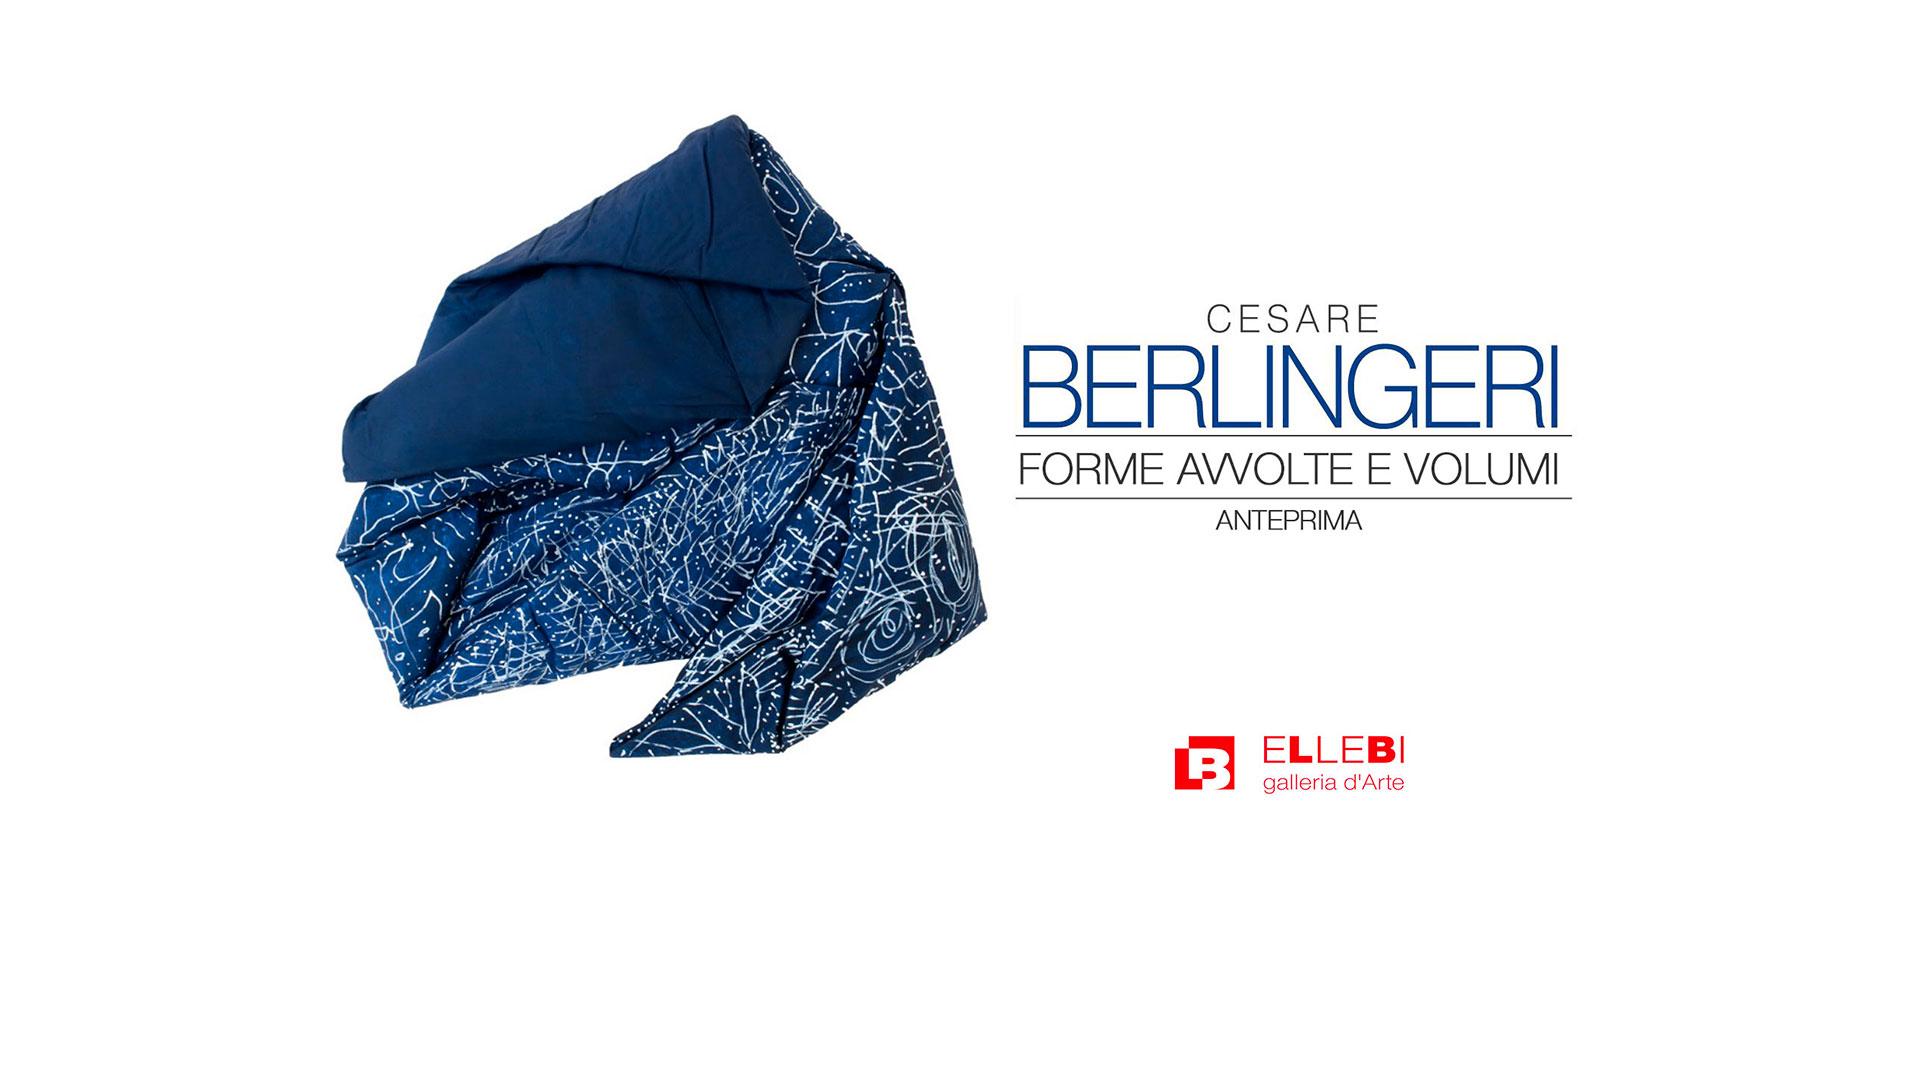 Berlingeri